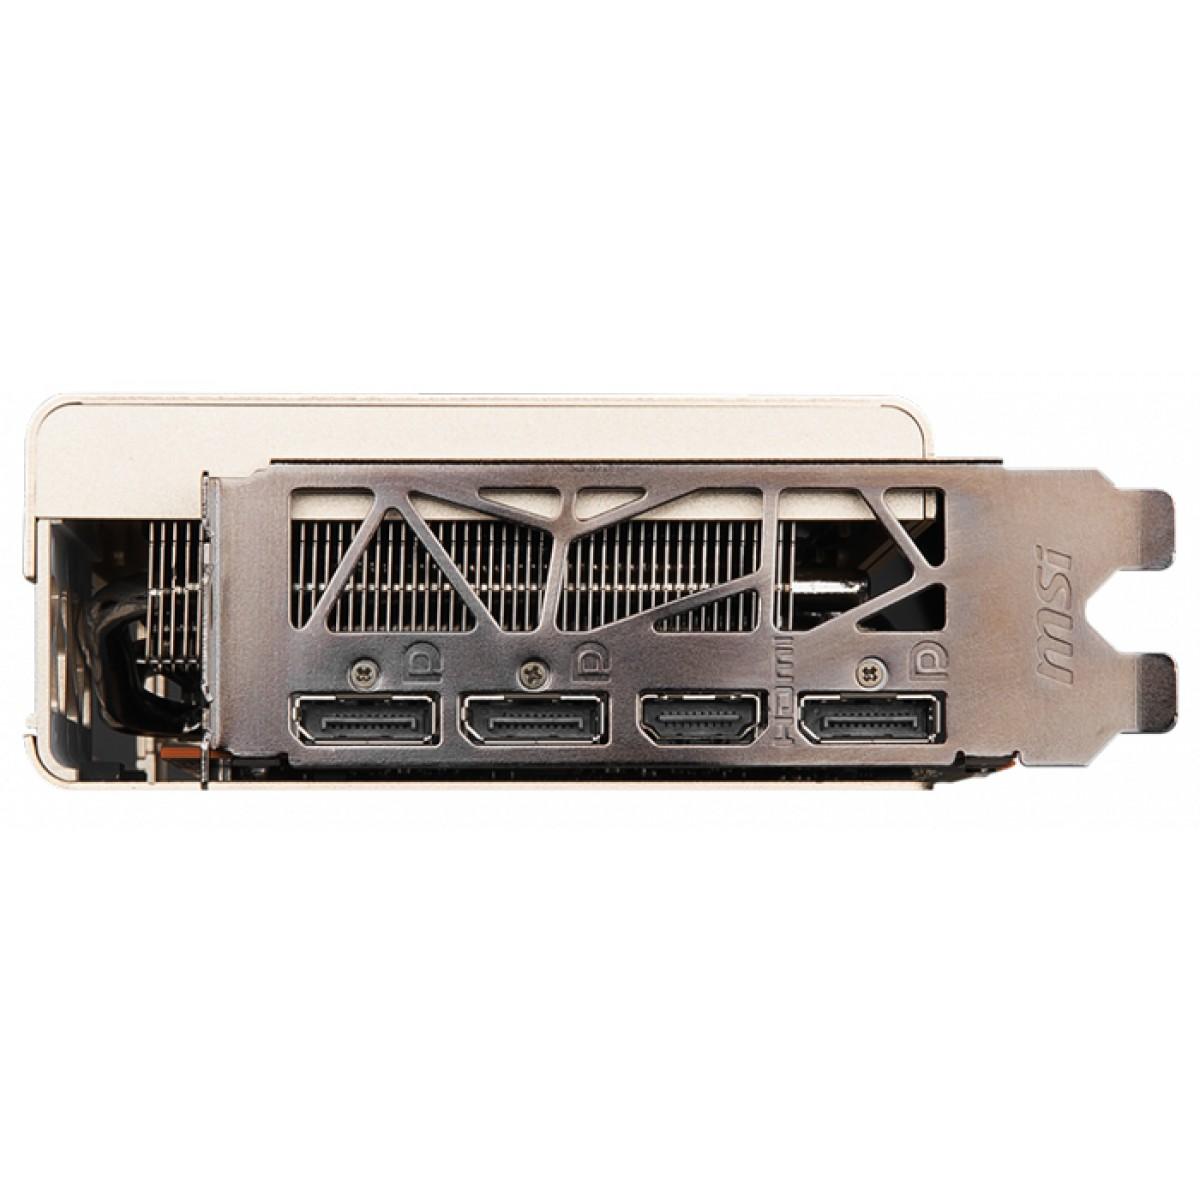 Placa de Vídeo MSI Radeon Navi RX 5700 XT Evoke OC, 8GB GDDR6, 256Bit, RX 5700XT EVOKE OC